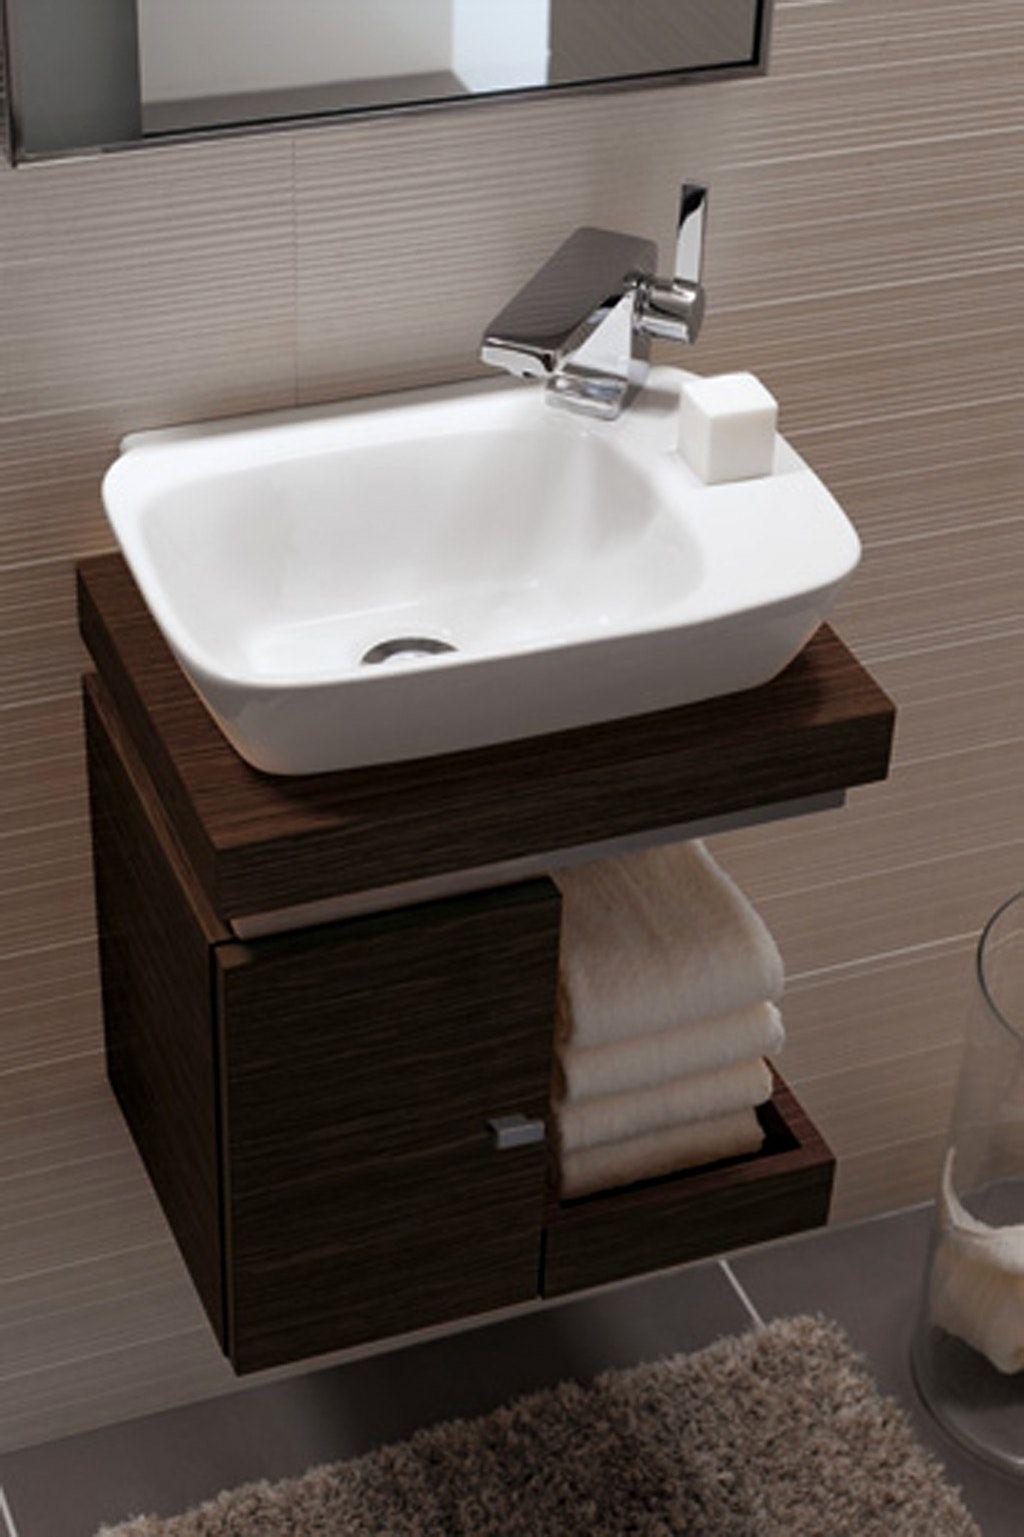 Pin Von Liz Pi Auf Bathroom In 2020 Waschbecken Gaste Wc Wc Waschbecken Handwaschbecken Gaste Wc